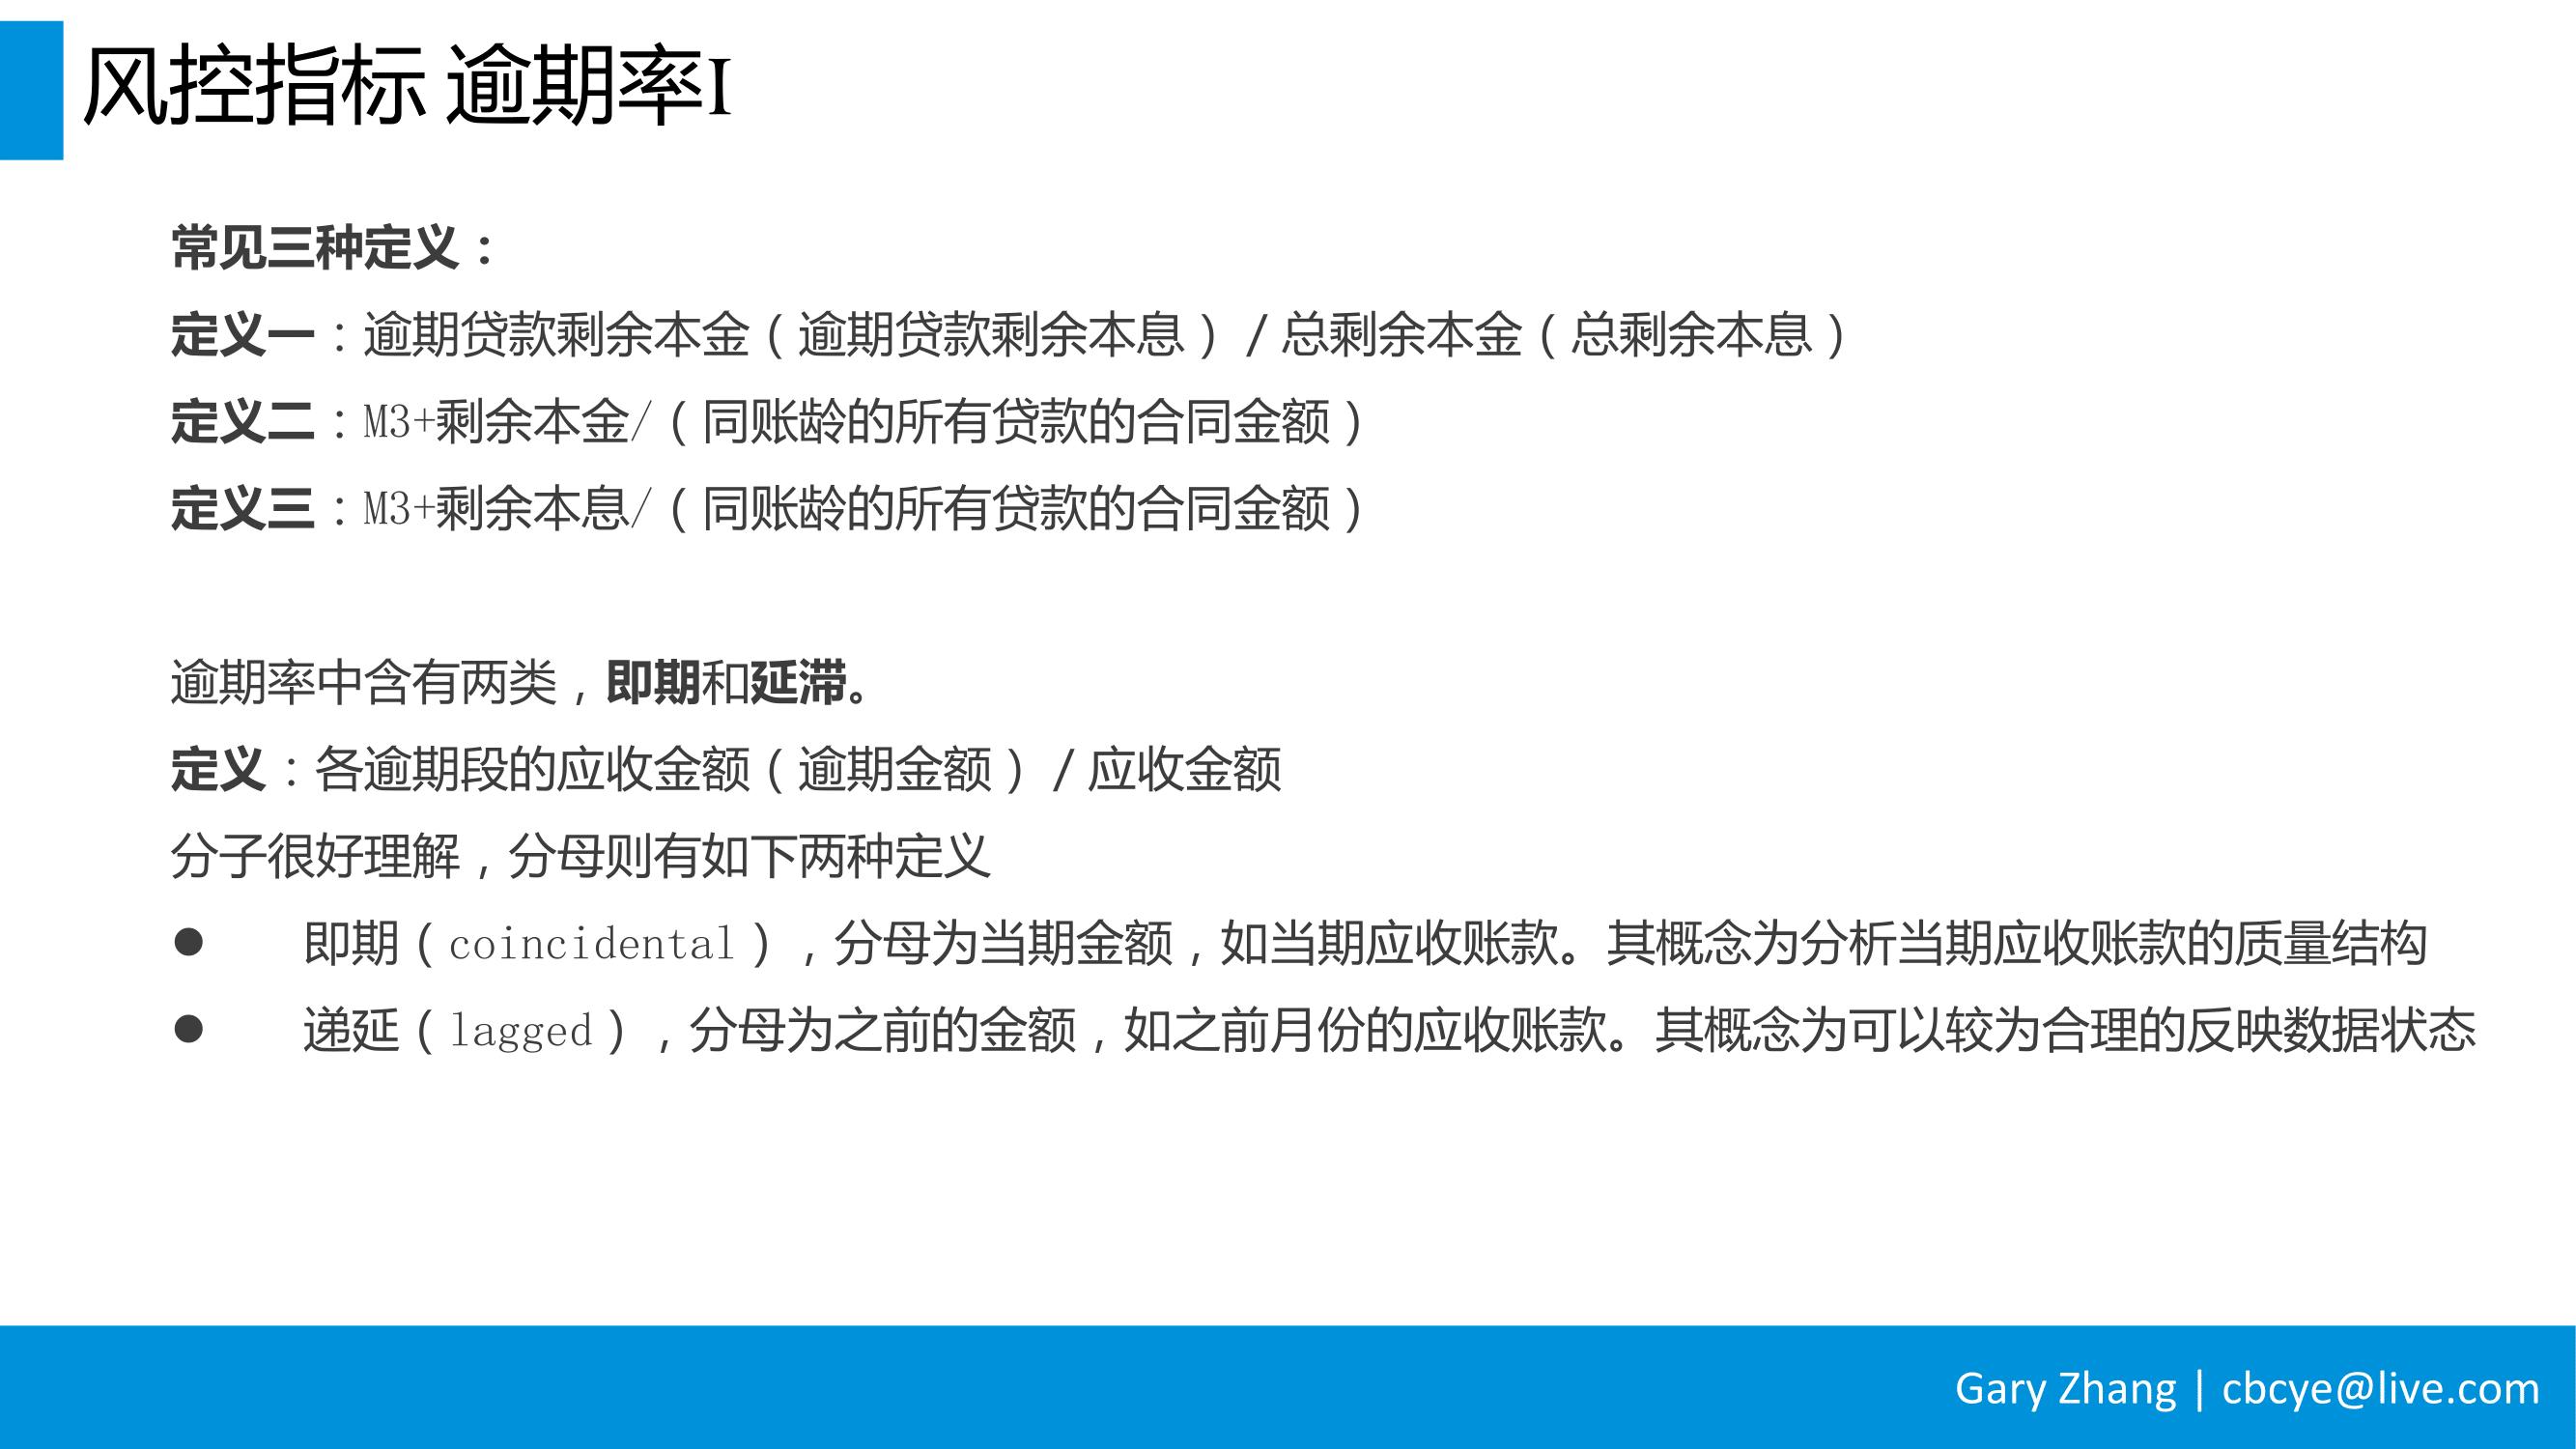 消费金融业务全流程指南_v1.0-084